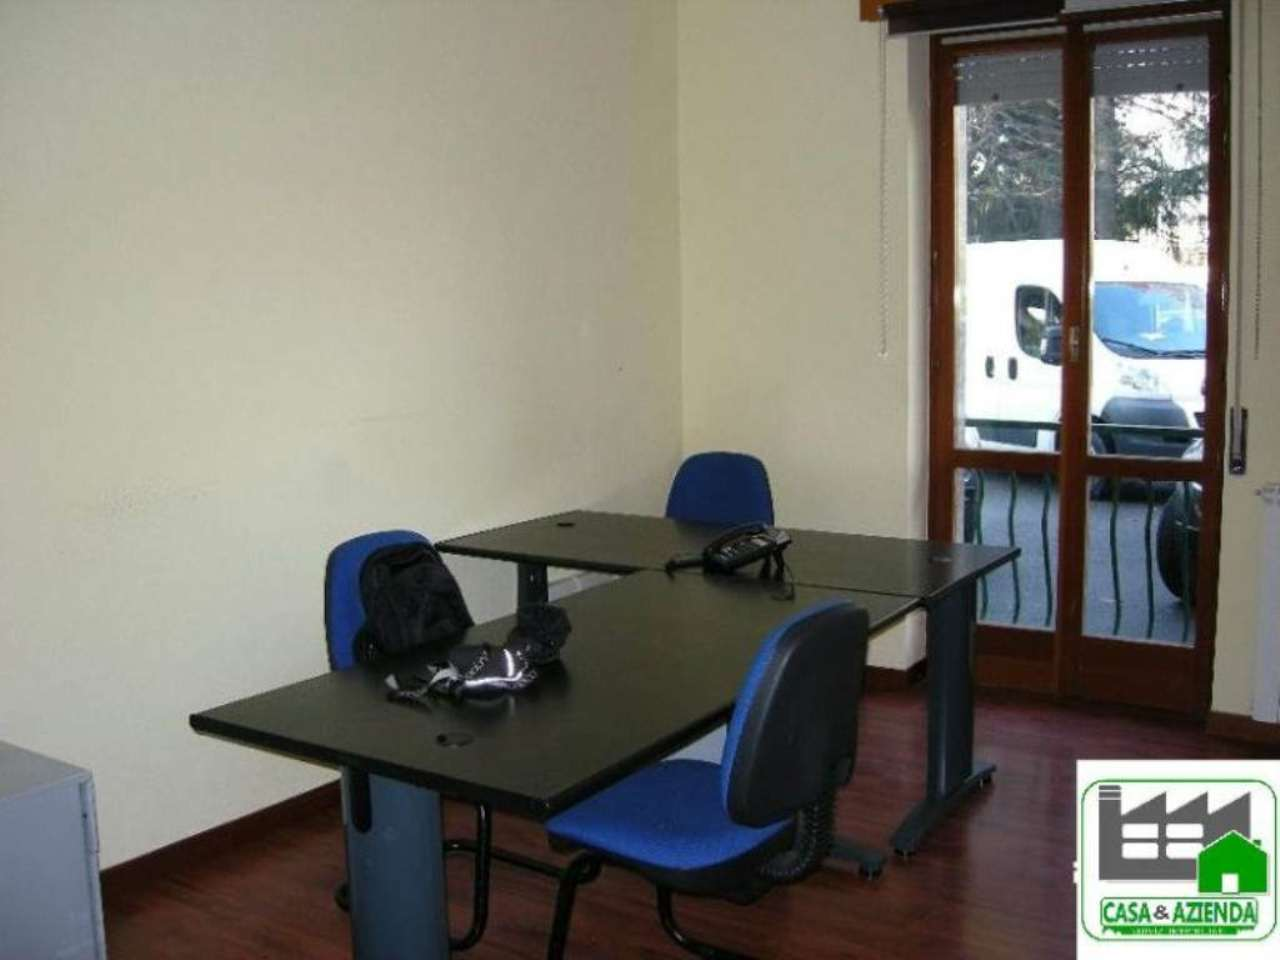 Ufficio / Studio in affitto a Cernusco sul Naviglio, 9999 locali, prezzo € 650   Cambio Casa.it